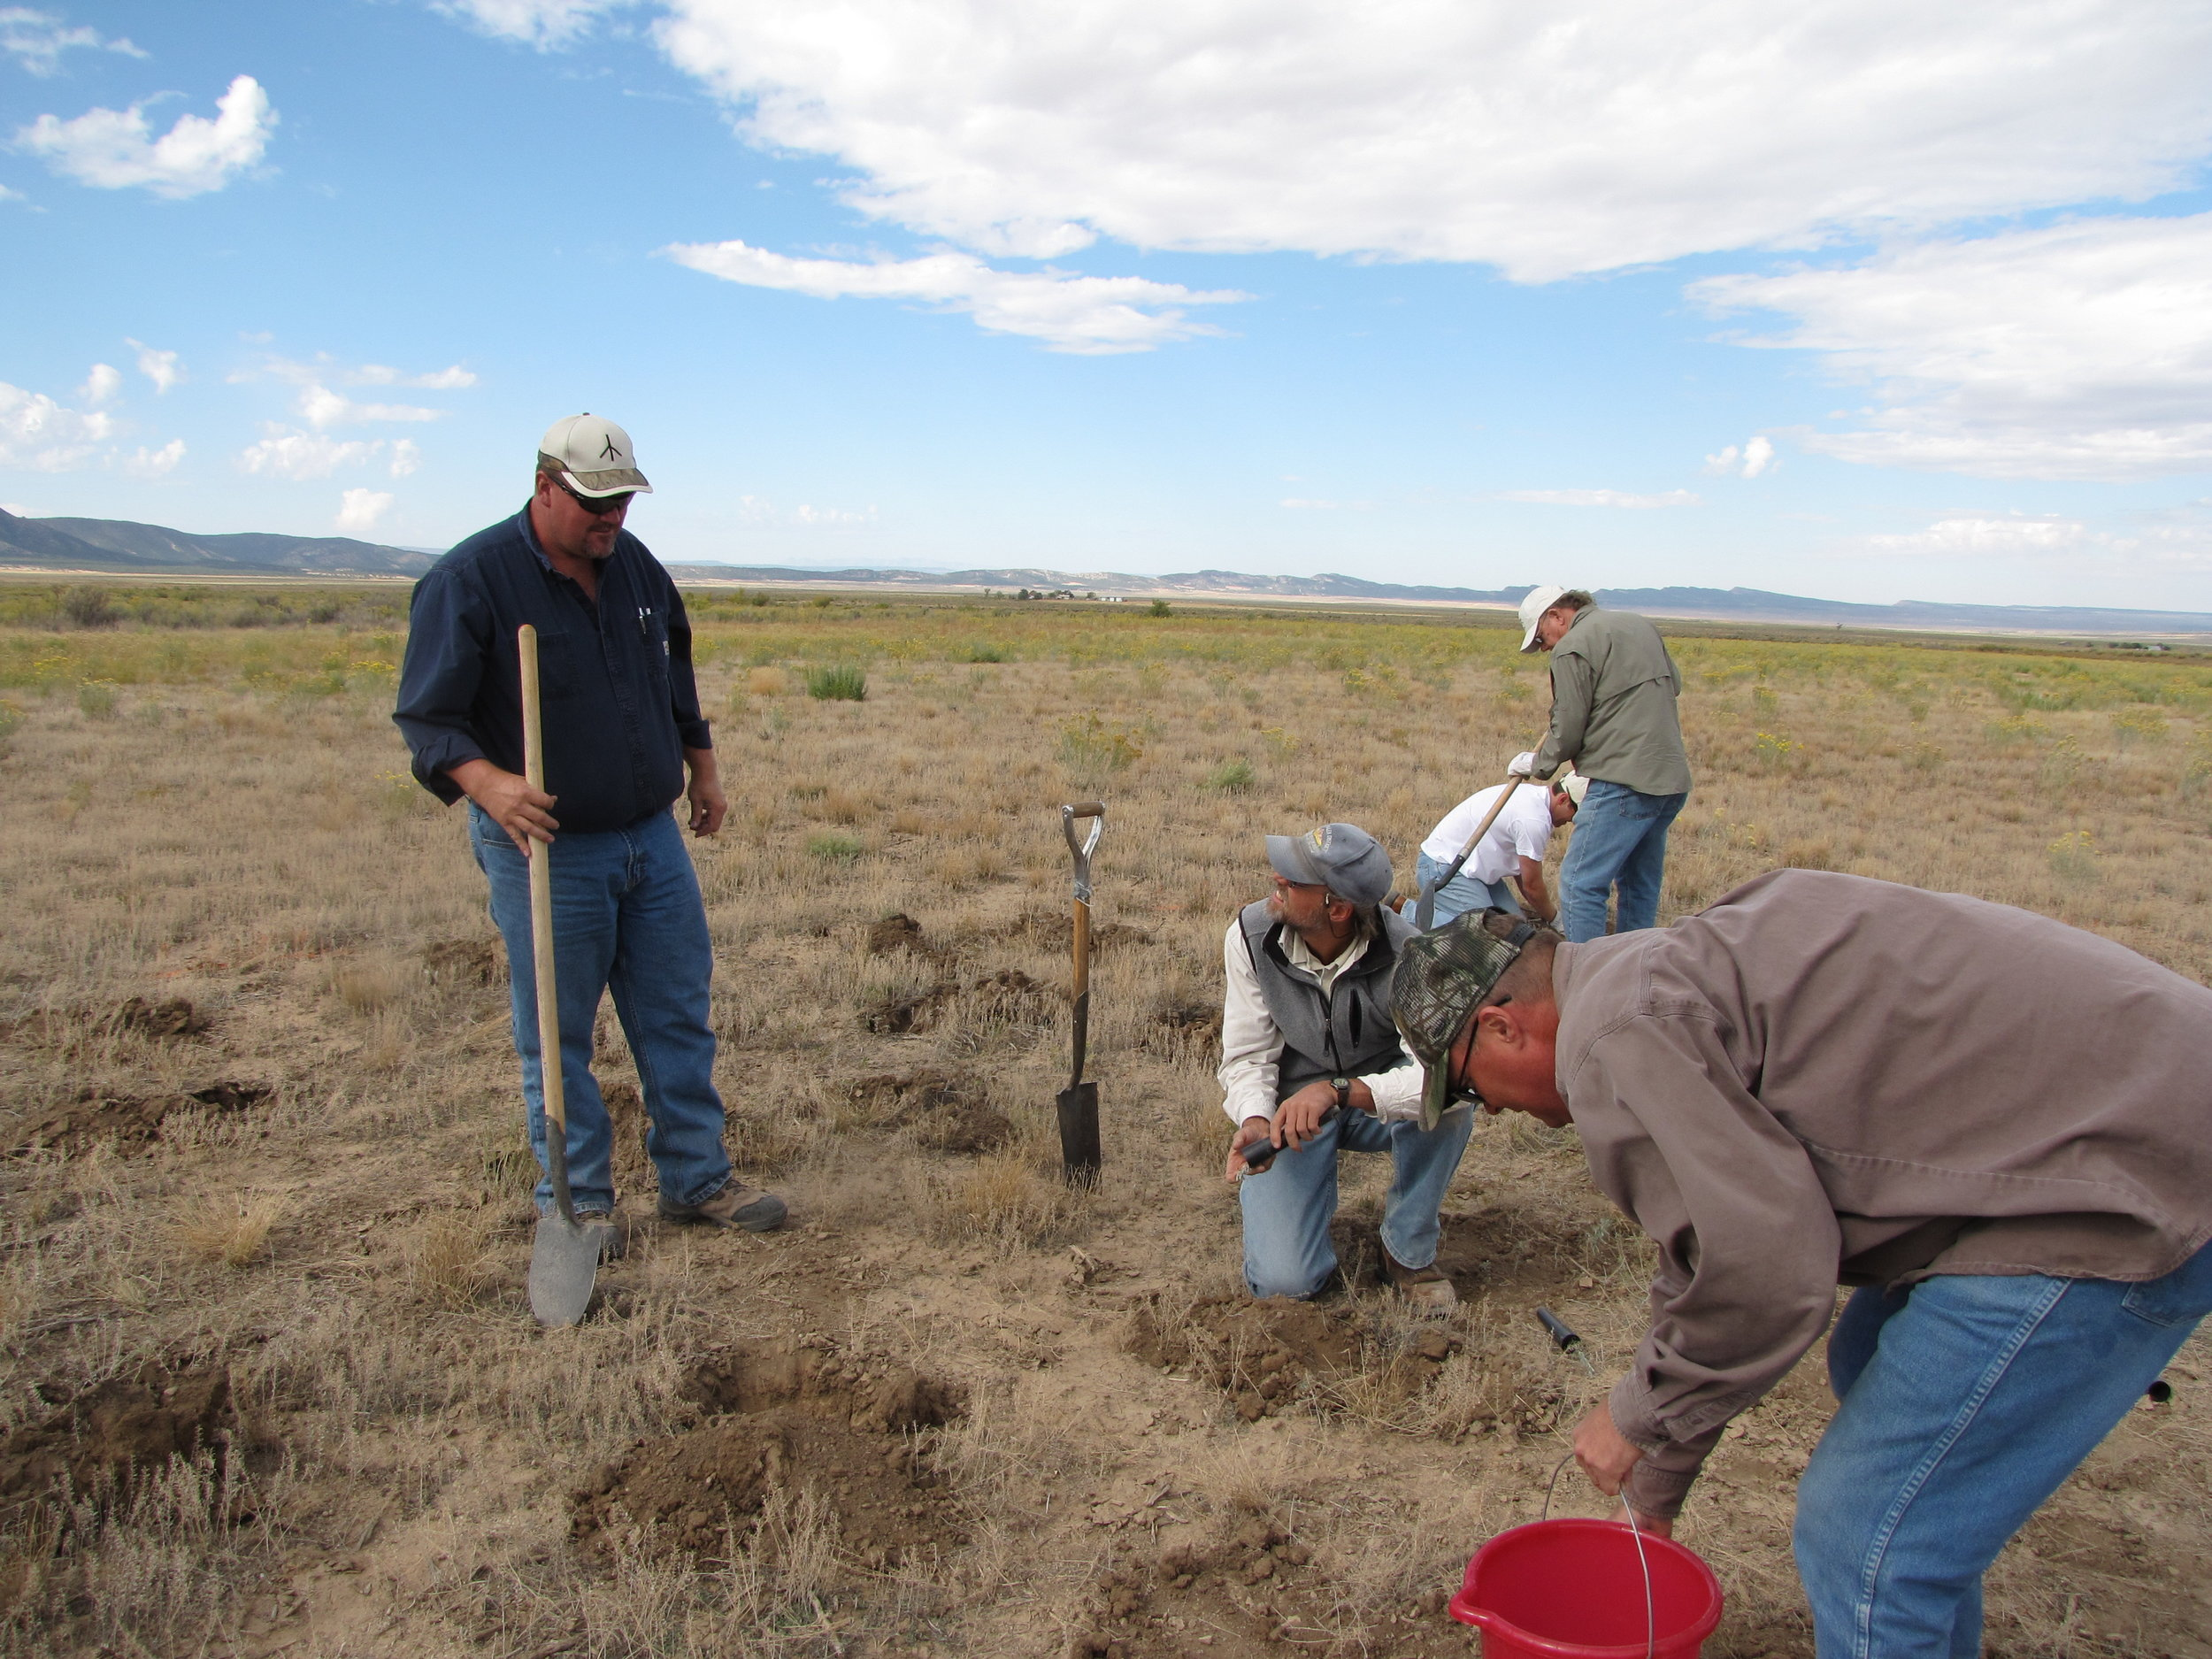 Planting sagebrush seedlings in Dry Creek Basin.